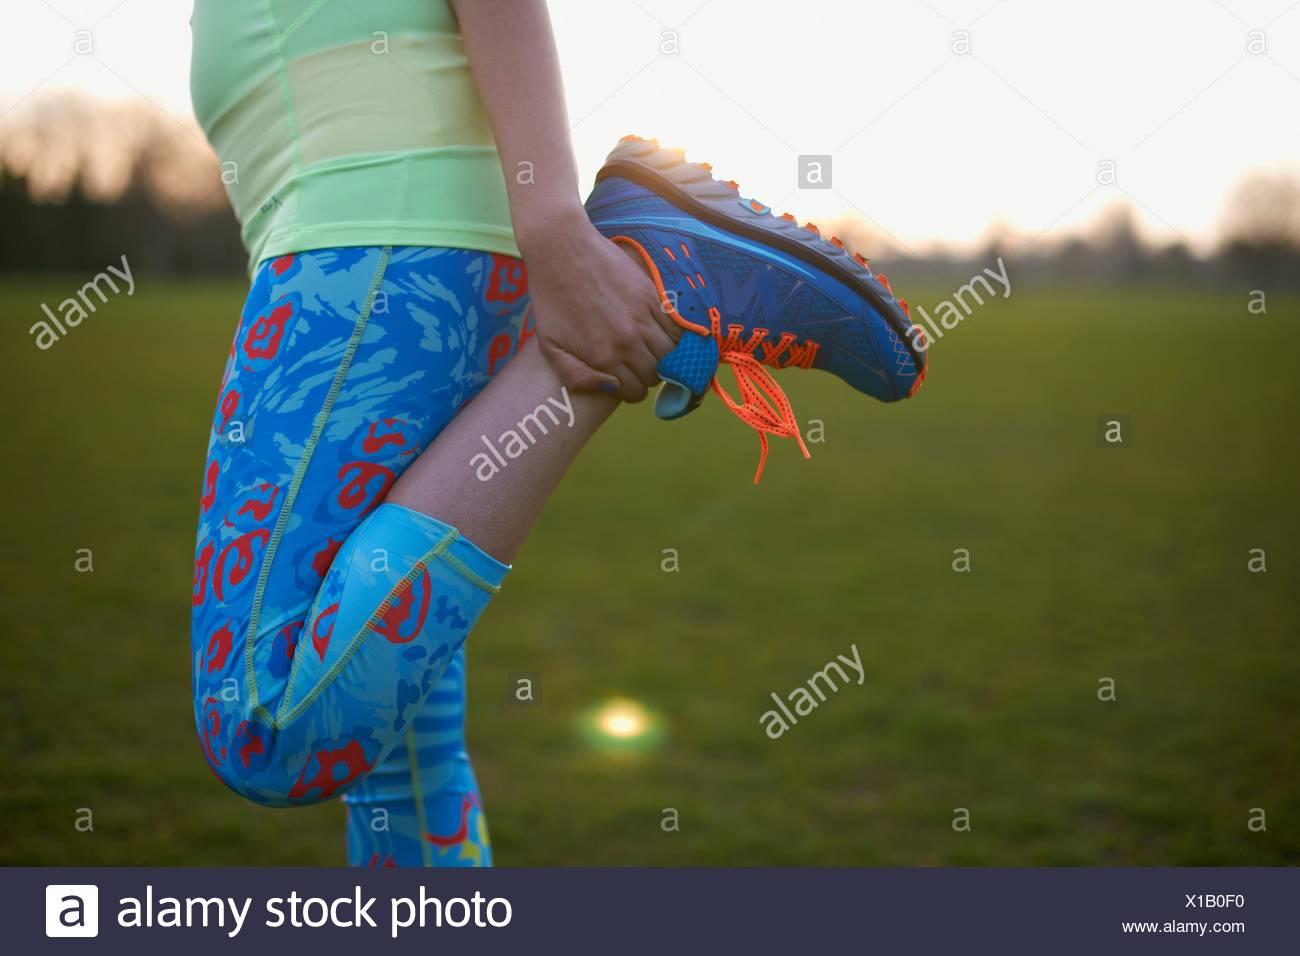 Immagine ritagliata della donna lo stiramento della gamba per esercitare in posizione di parcheggio Immagini Stock